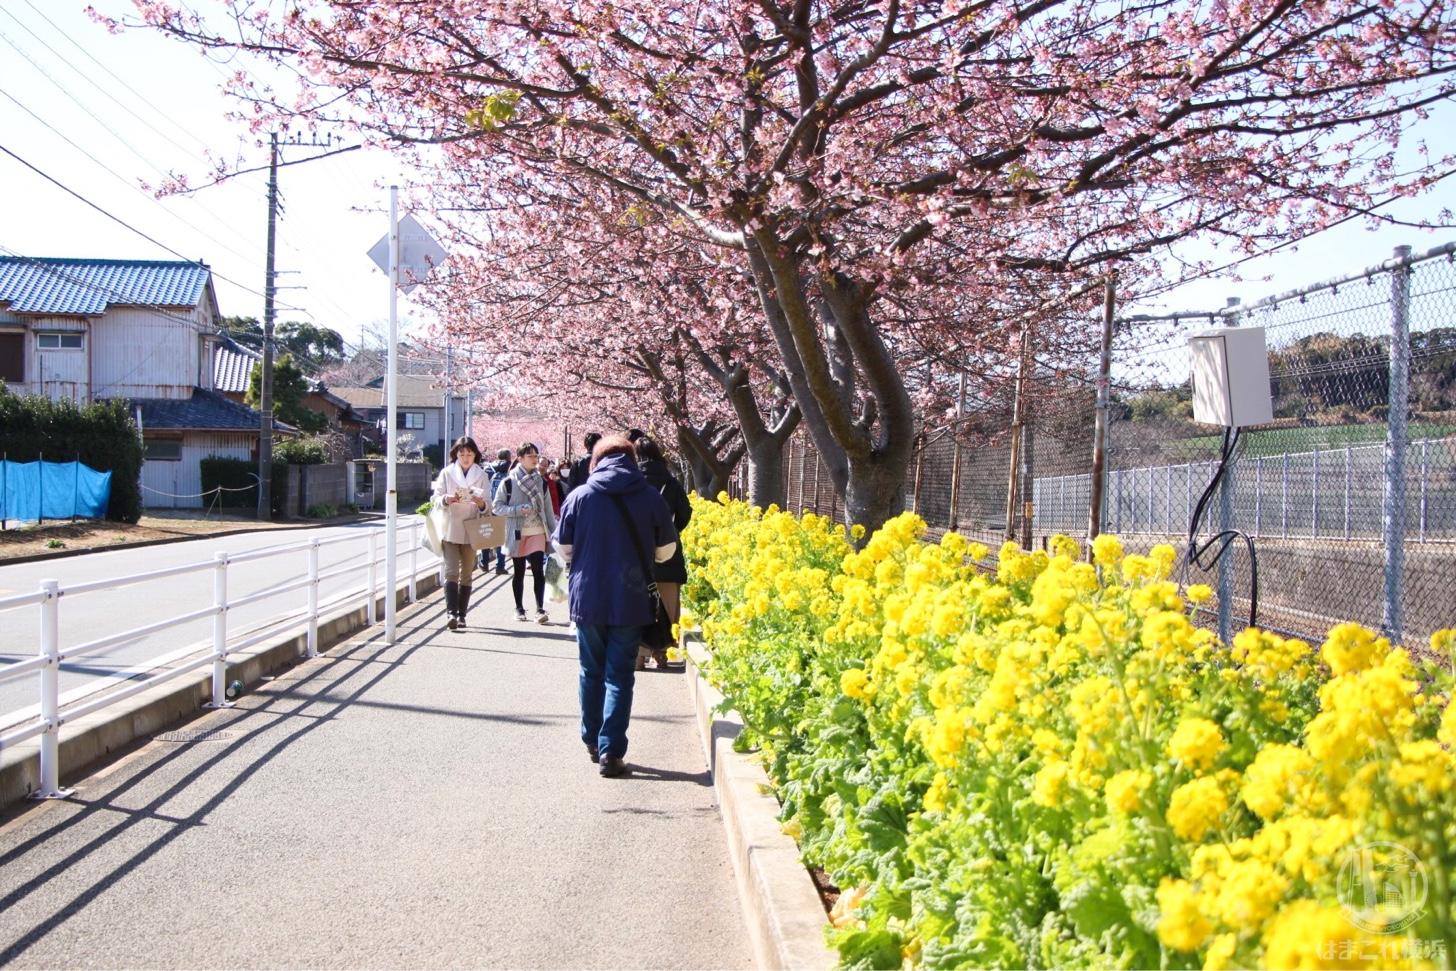 三浦海岸桜まつり 河津桜と菜の花